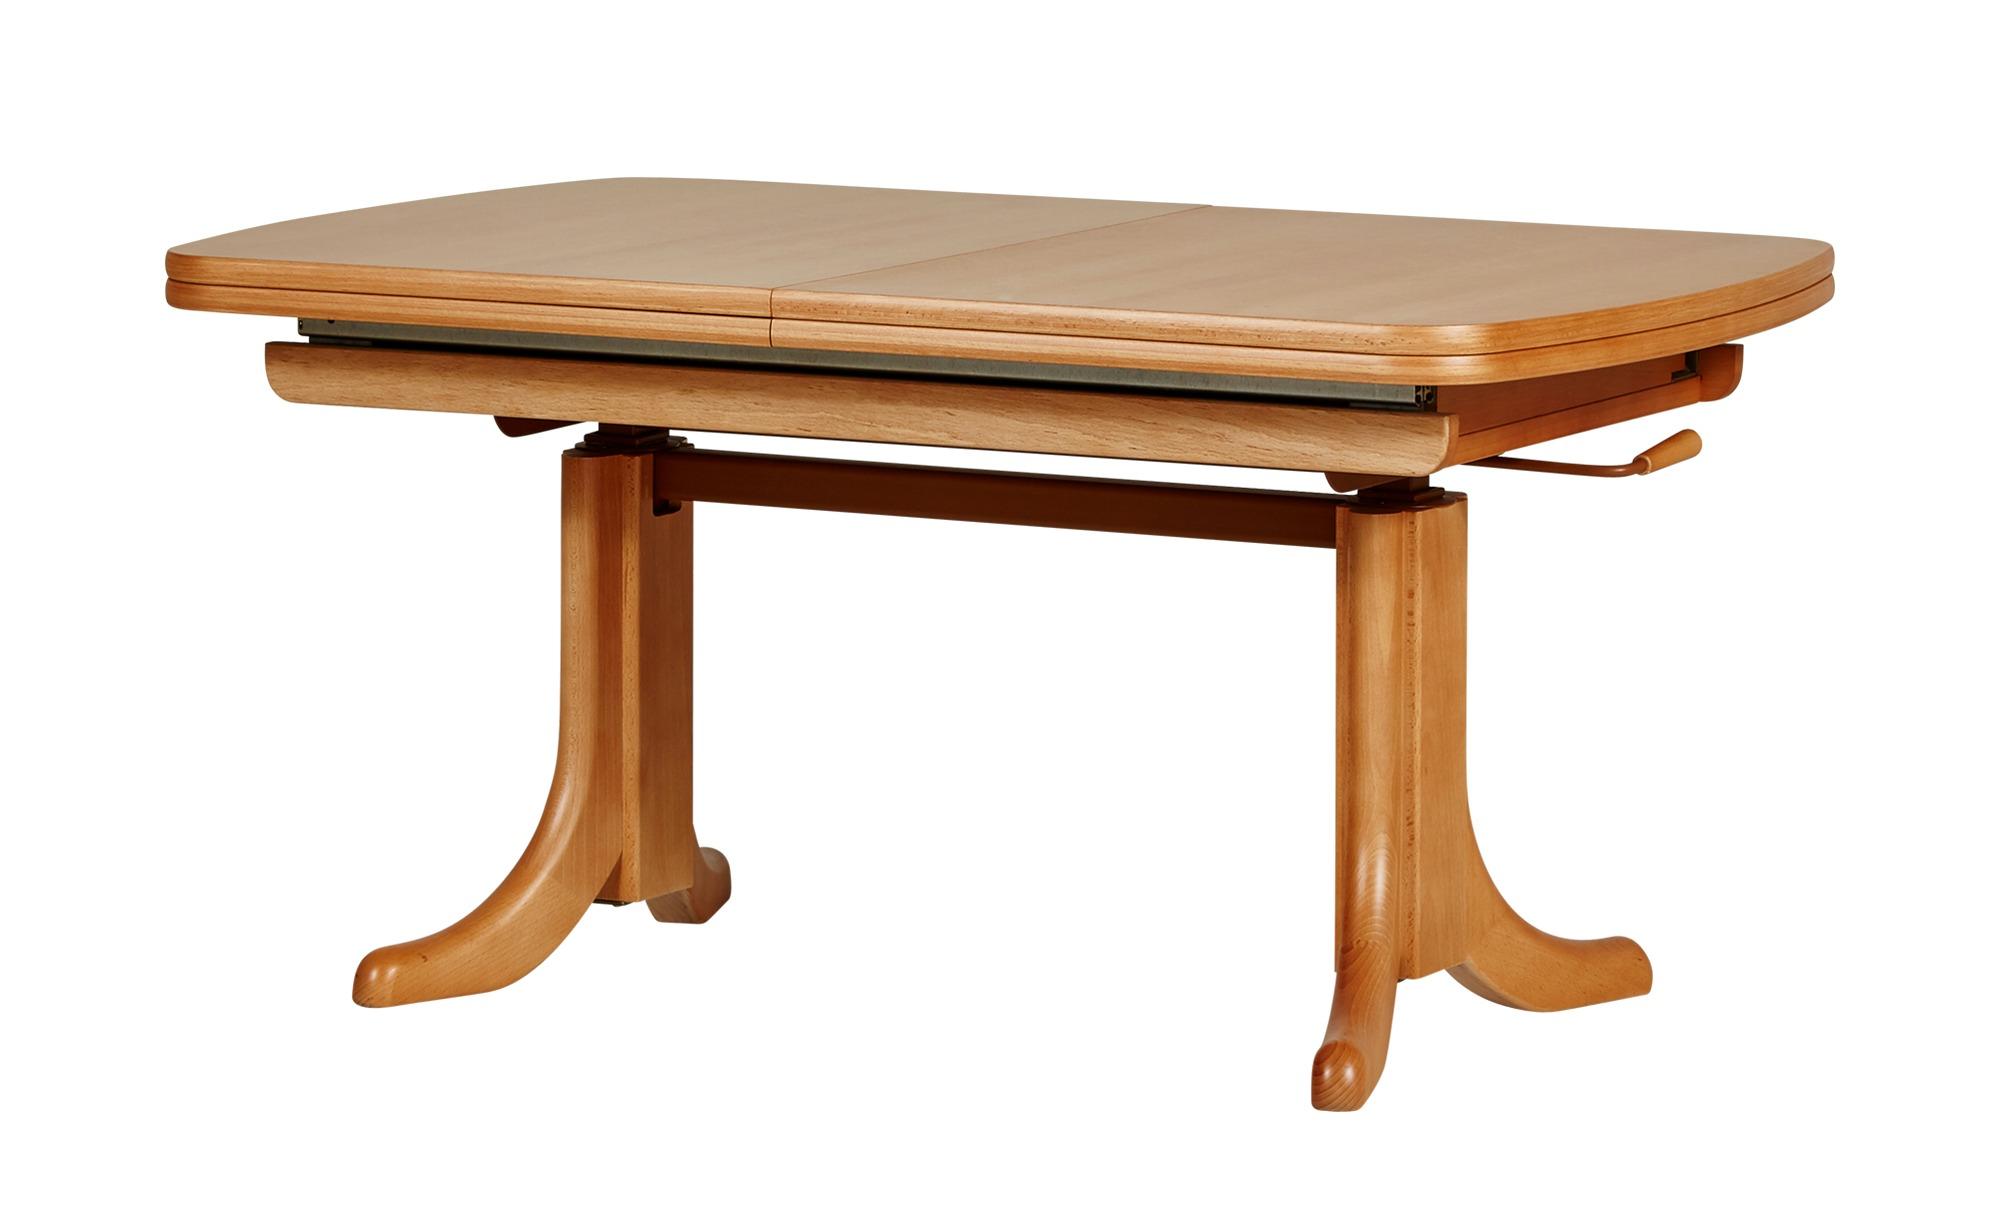 Couchtisch  Savaii ¦ holzfarben ¦ Maße (cm): B: 75 H: 61 T: 75 Tische > Couchtische > Couchtische höhenverstellbar - Höffner